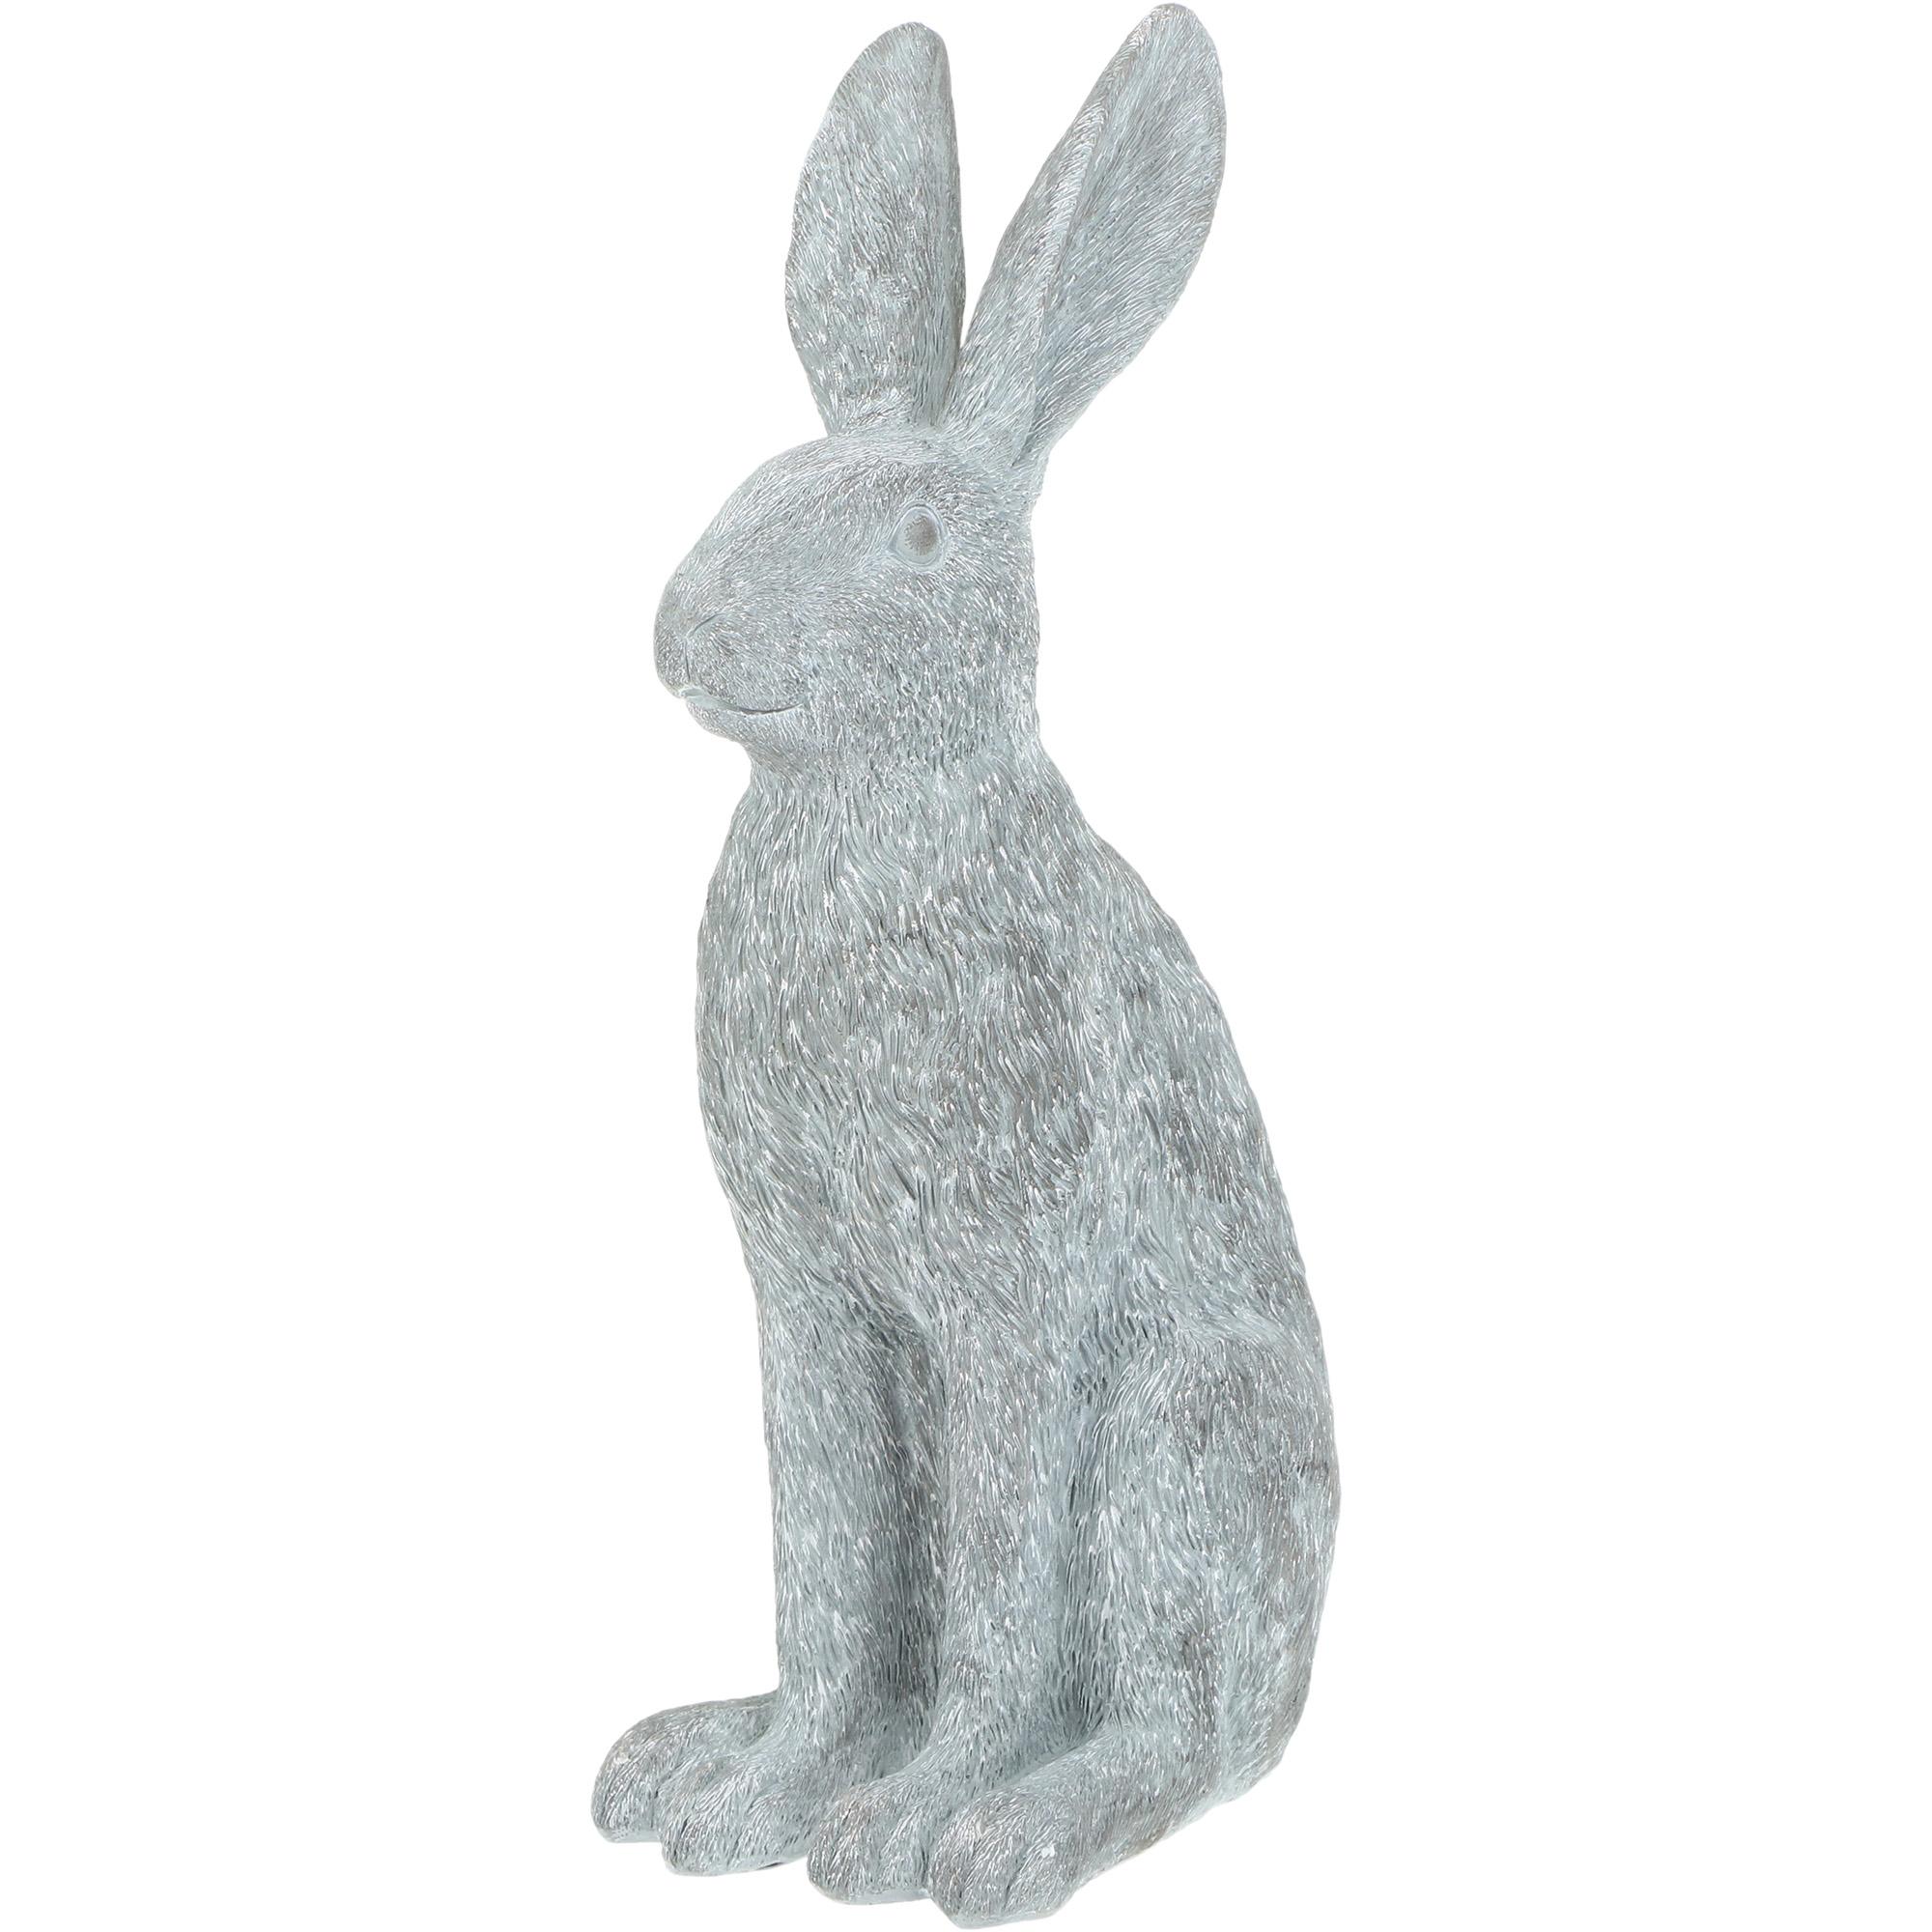 Фигура садовая Teammann Заяц 36 см садовая фигура заяц с коромыслом h 35см